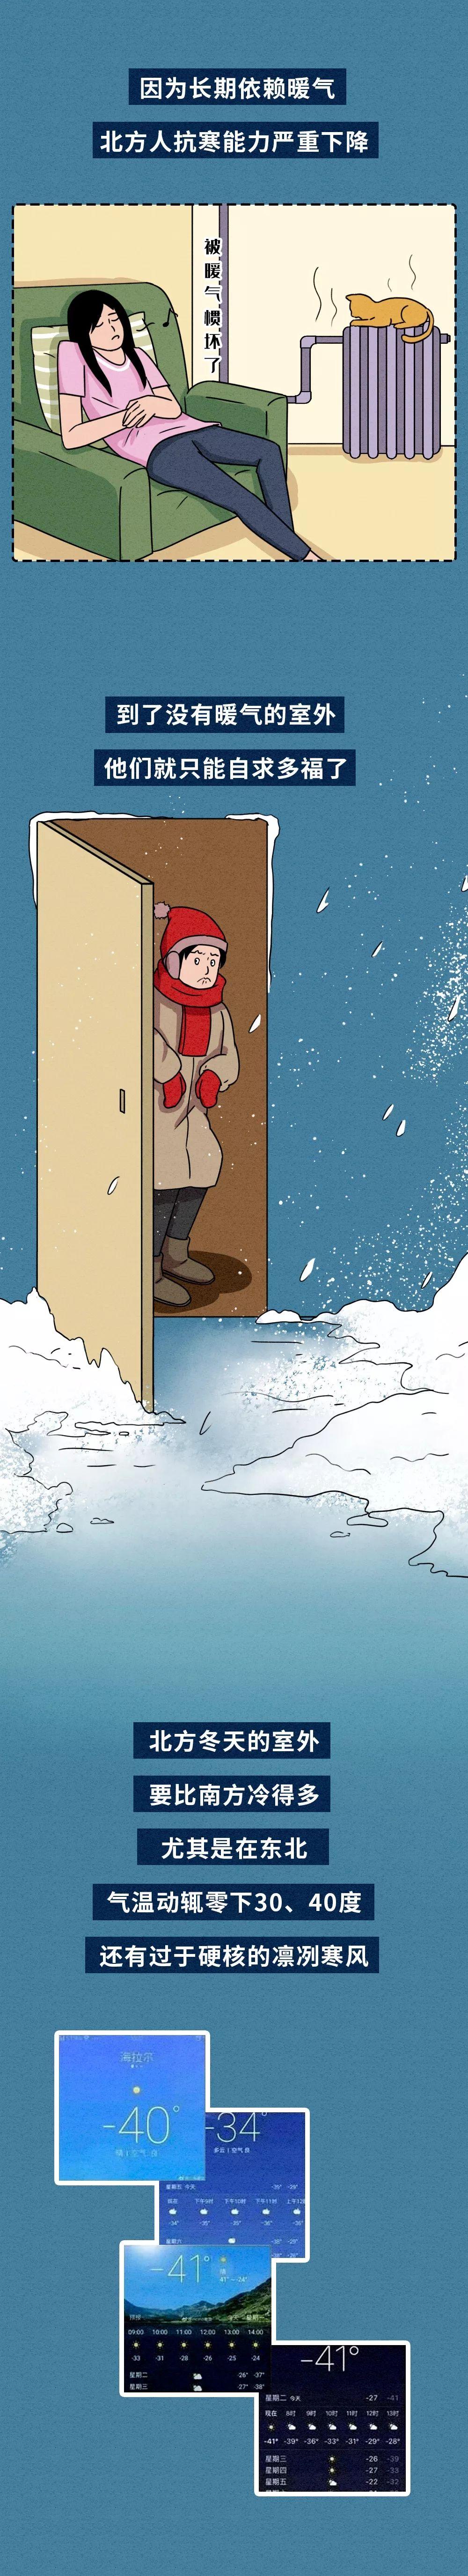 世纪难题:北方人vs南方人,谁更怕冷?